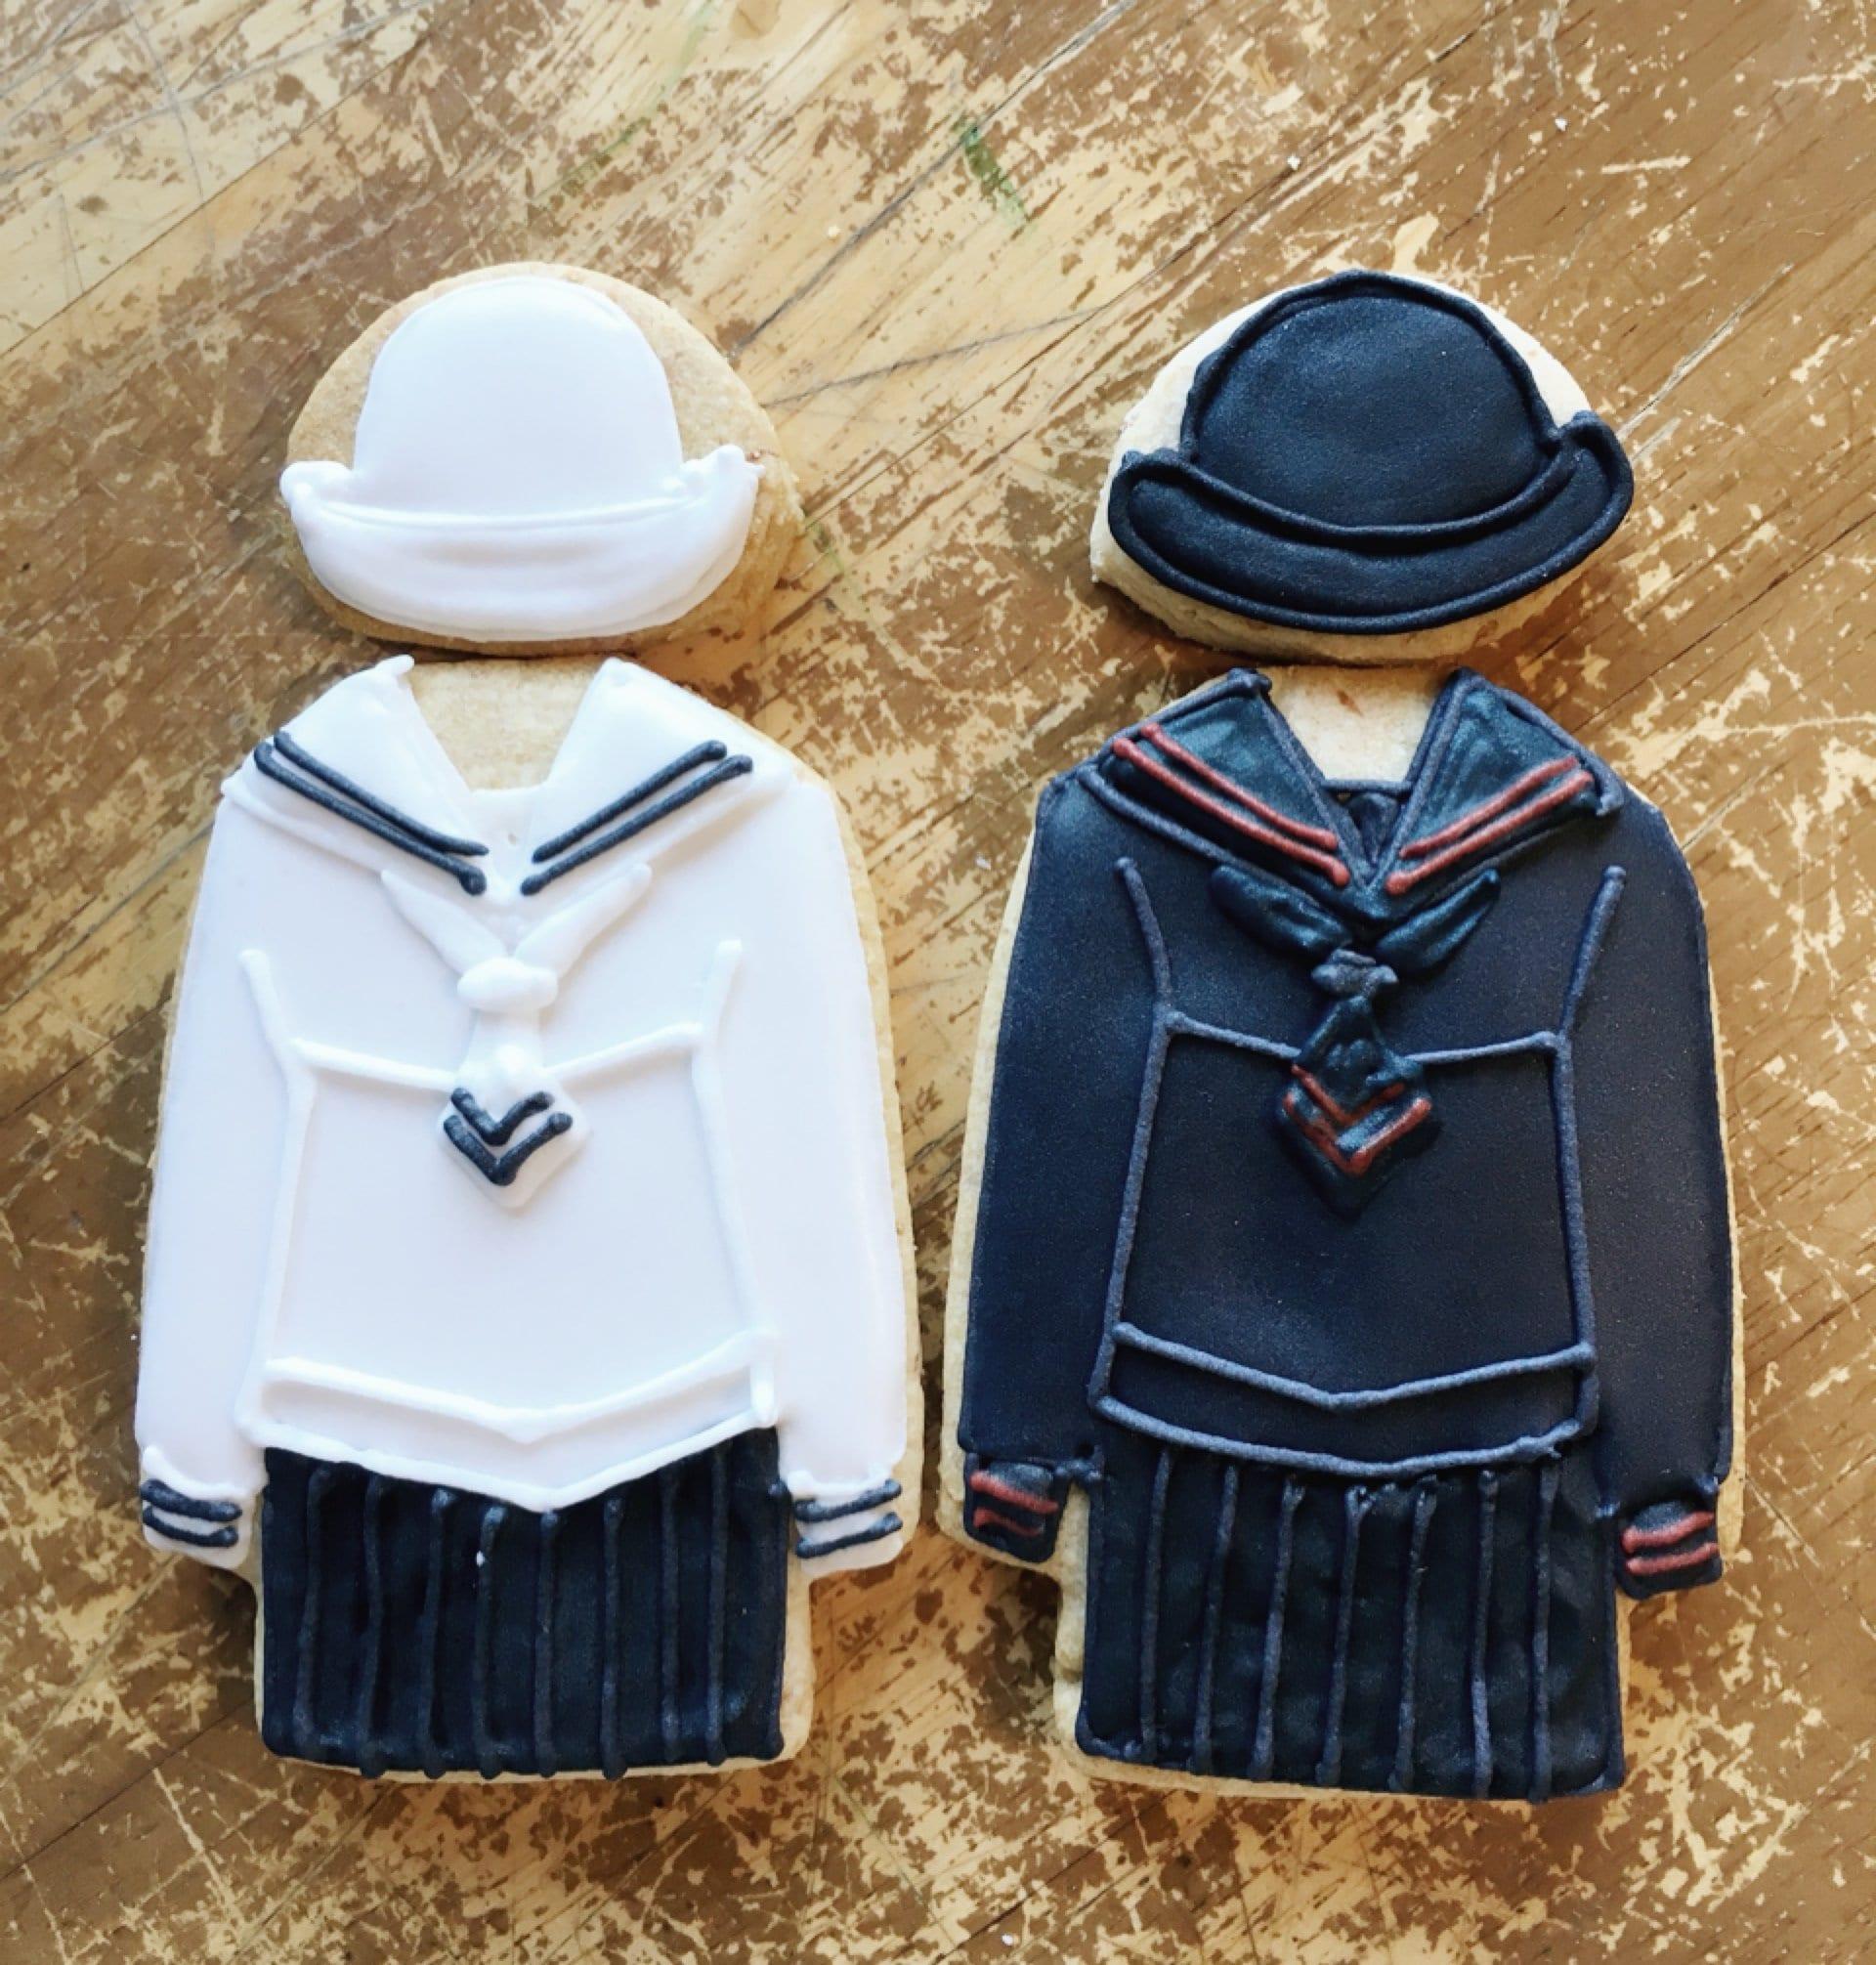 【個人様向け】モロ様 オーダーアイシングクッキー(制服)のイメージその1